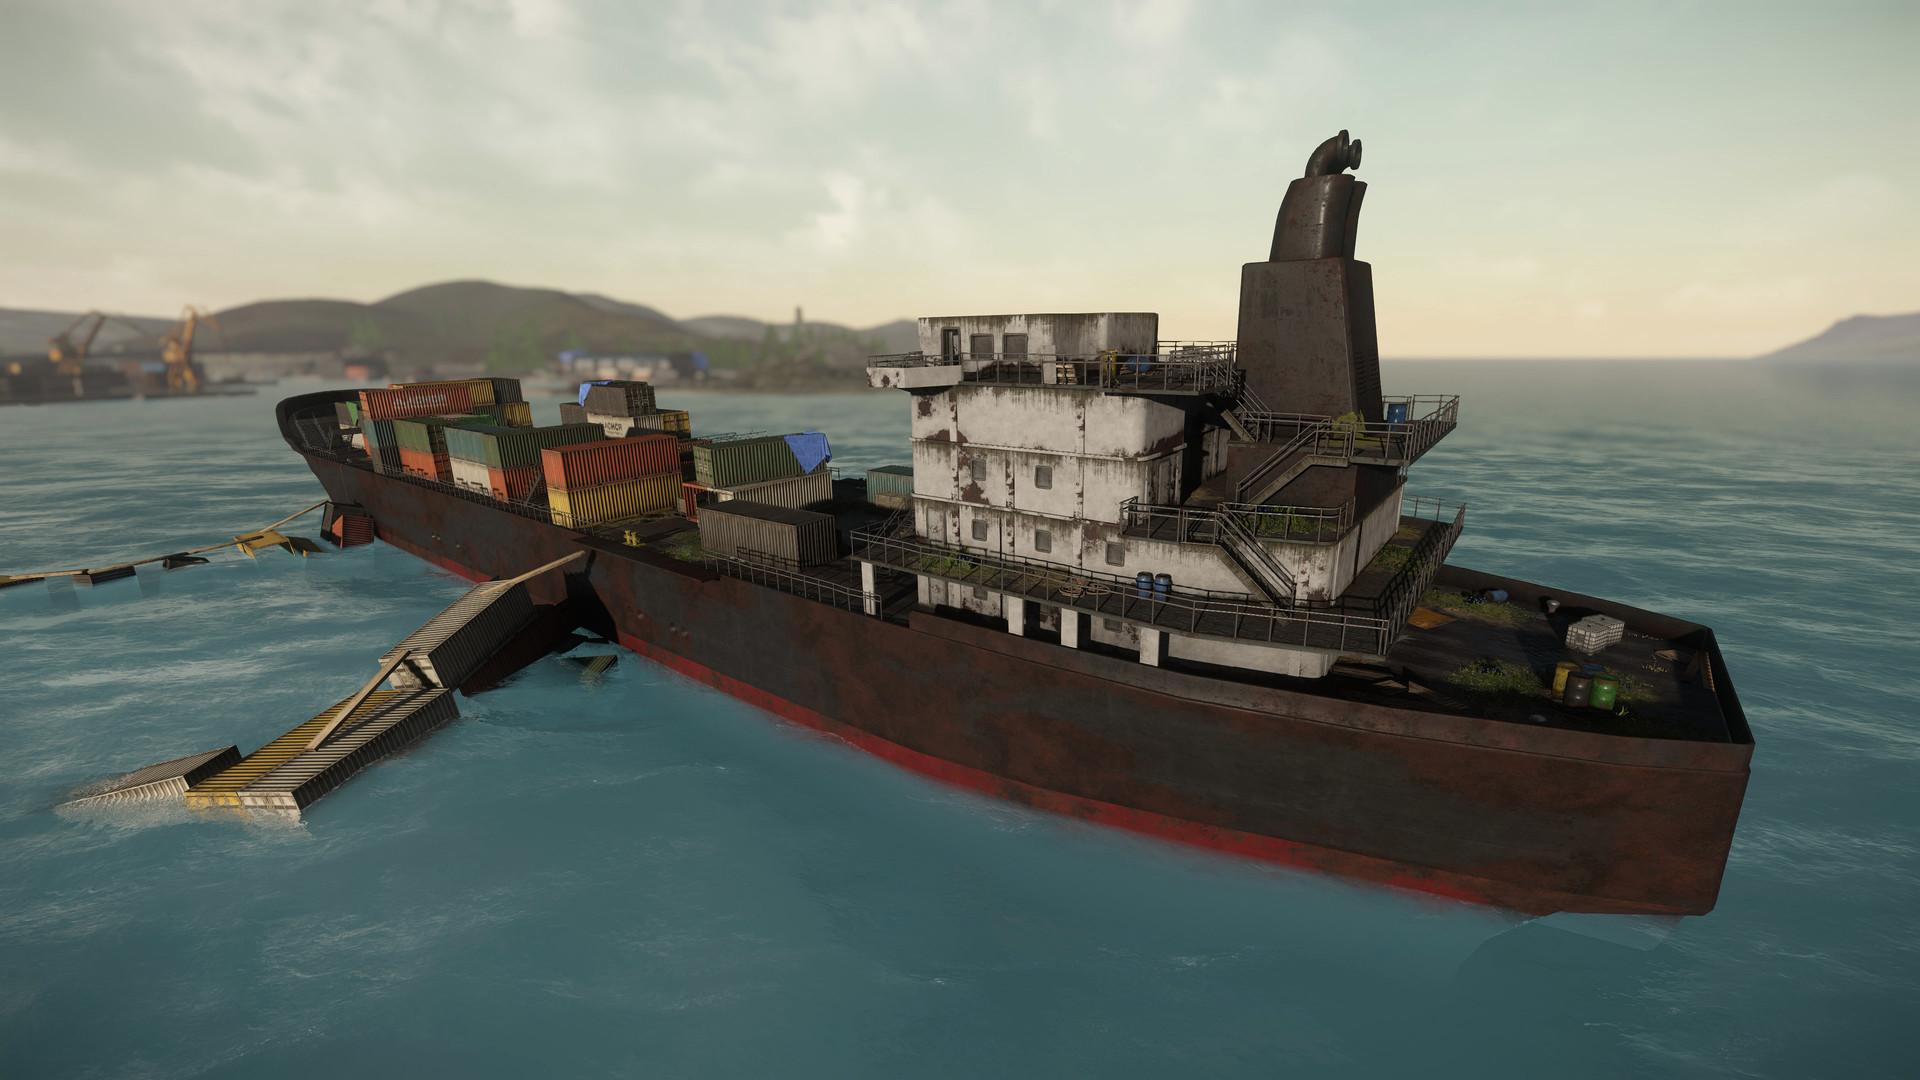 Carl kent oil tanker 7